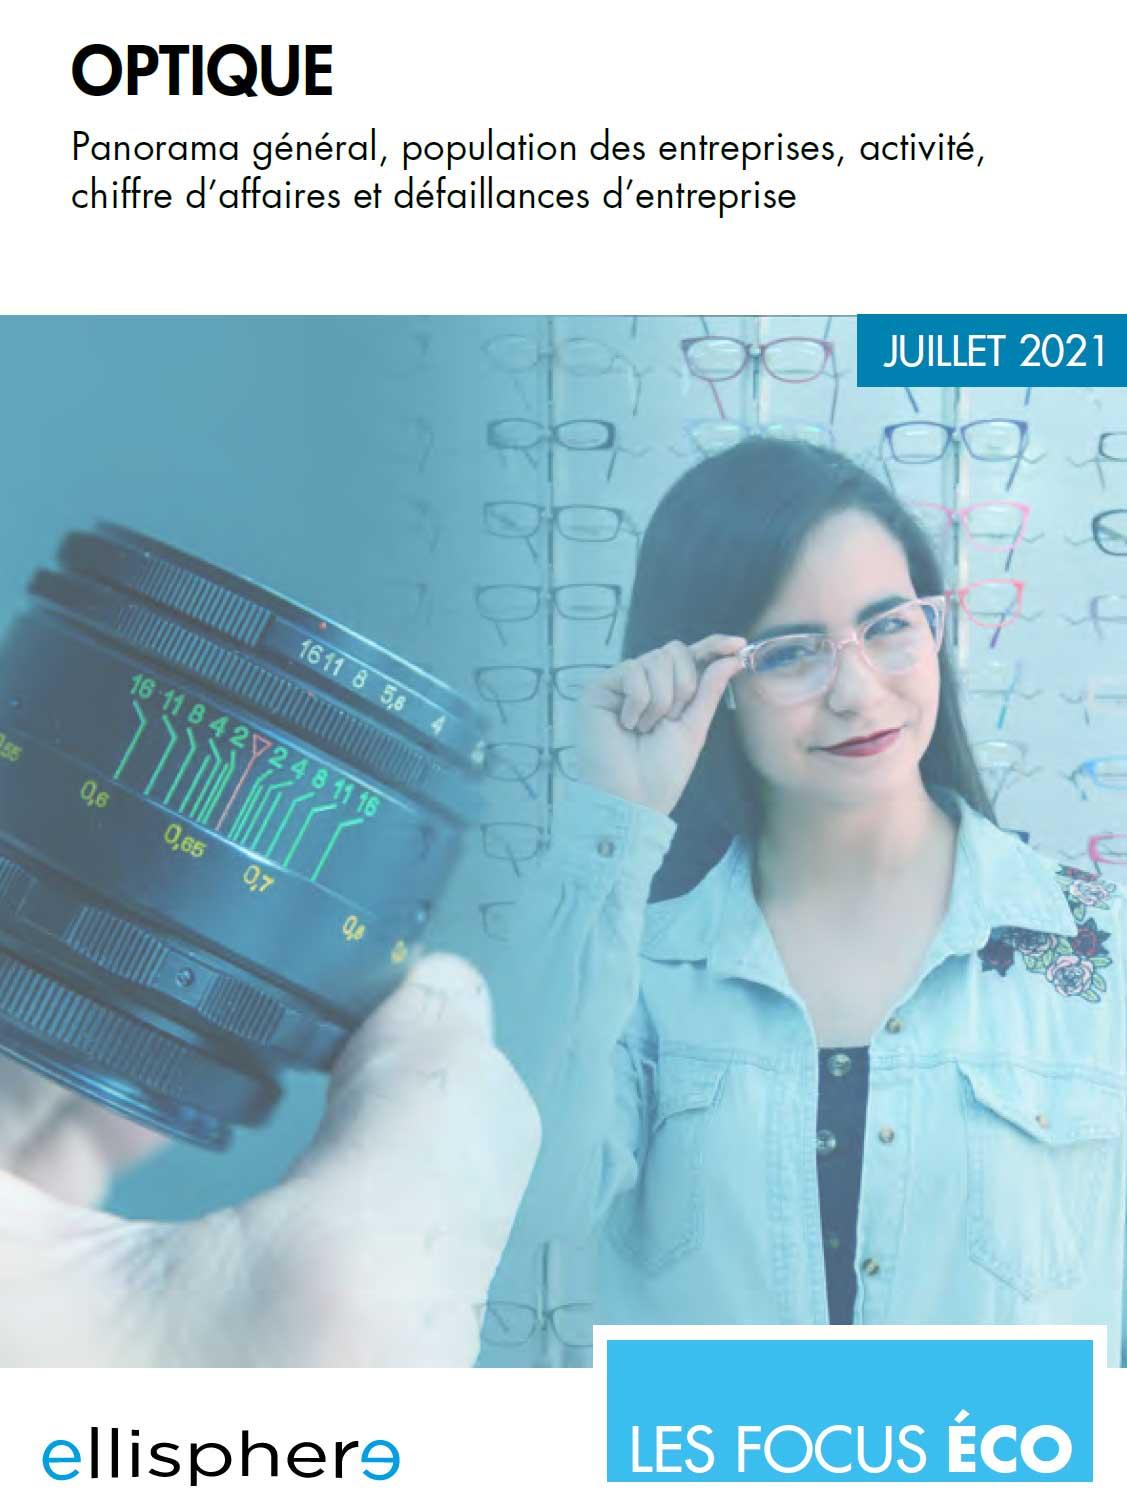 Etude secteur optique